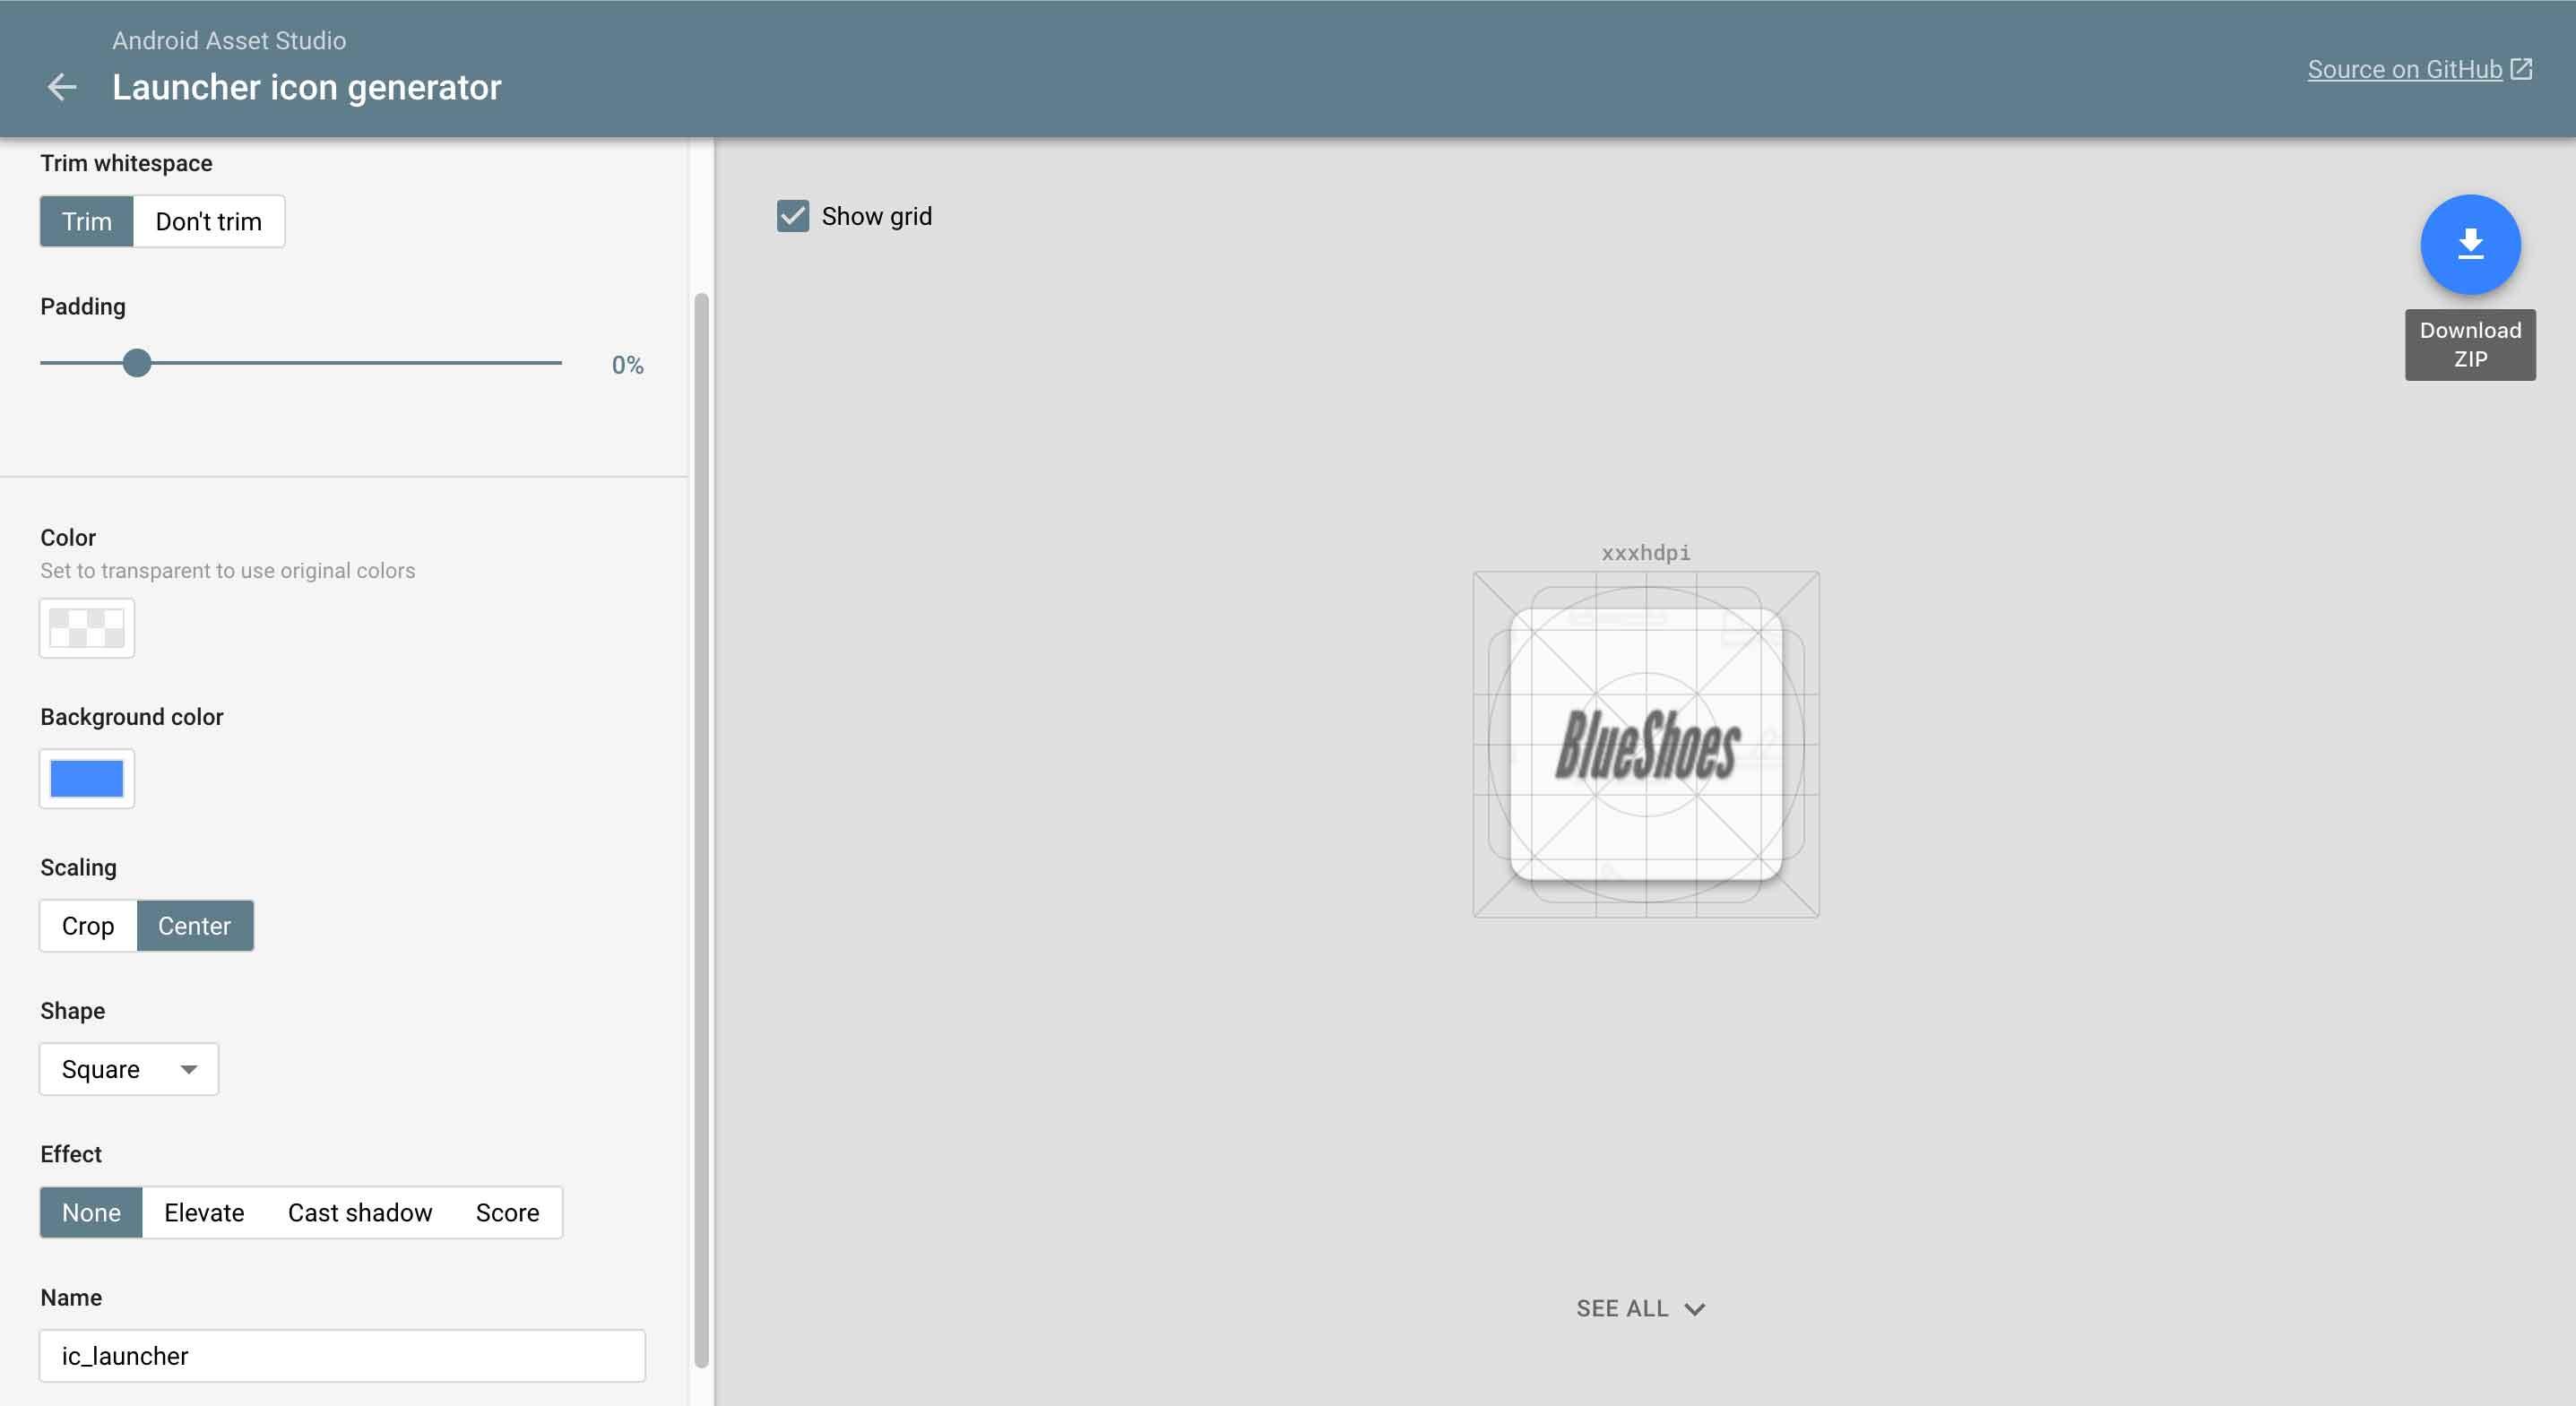 Gerando ícone em Android Asset Studio